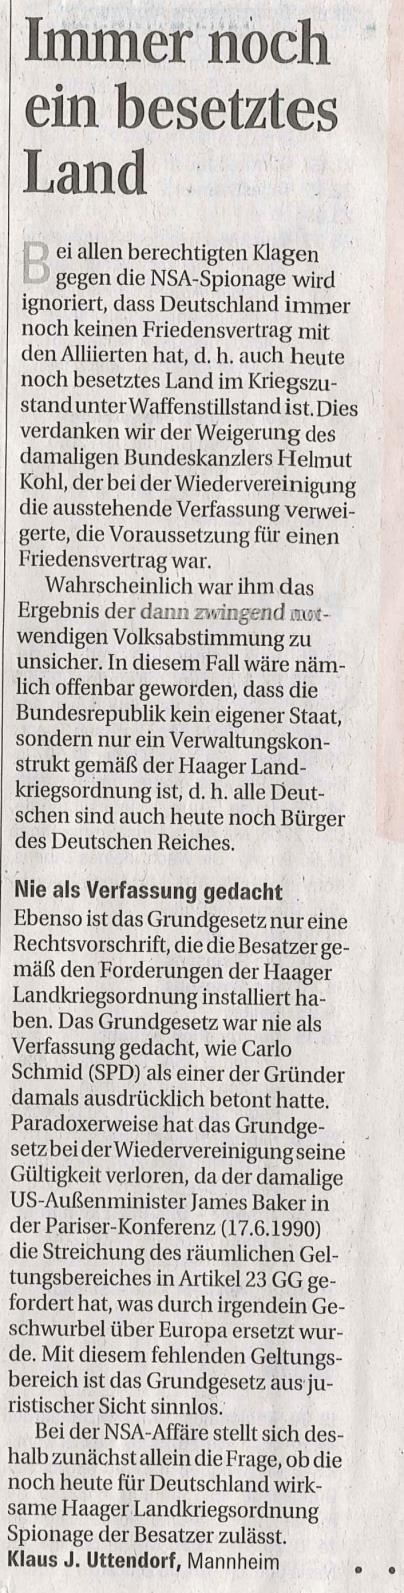 Du Deutscher, ja DU bist Staatsangehöriger des Deutschen Reichs- Pressebericht..Mannheimer Morgen..Ausgabe 25.01.2014 Deutschland immer noch besetztes Land..!!